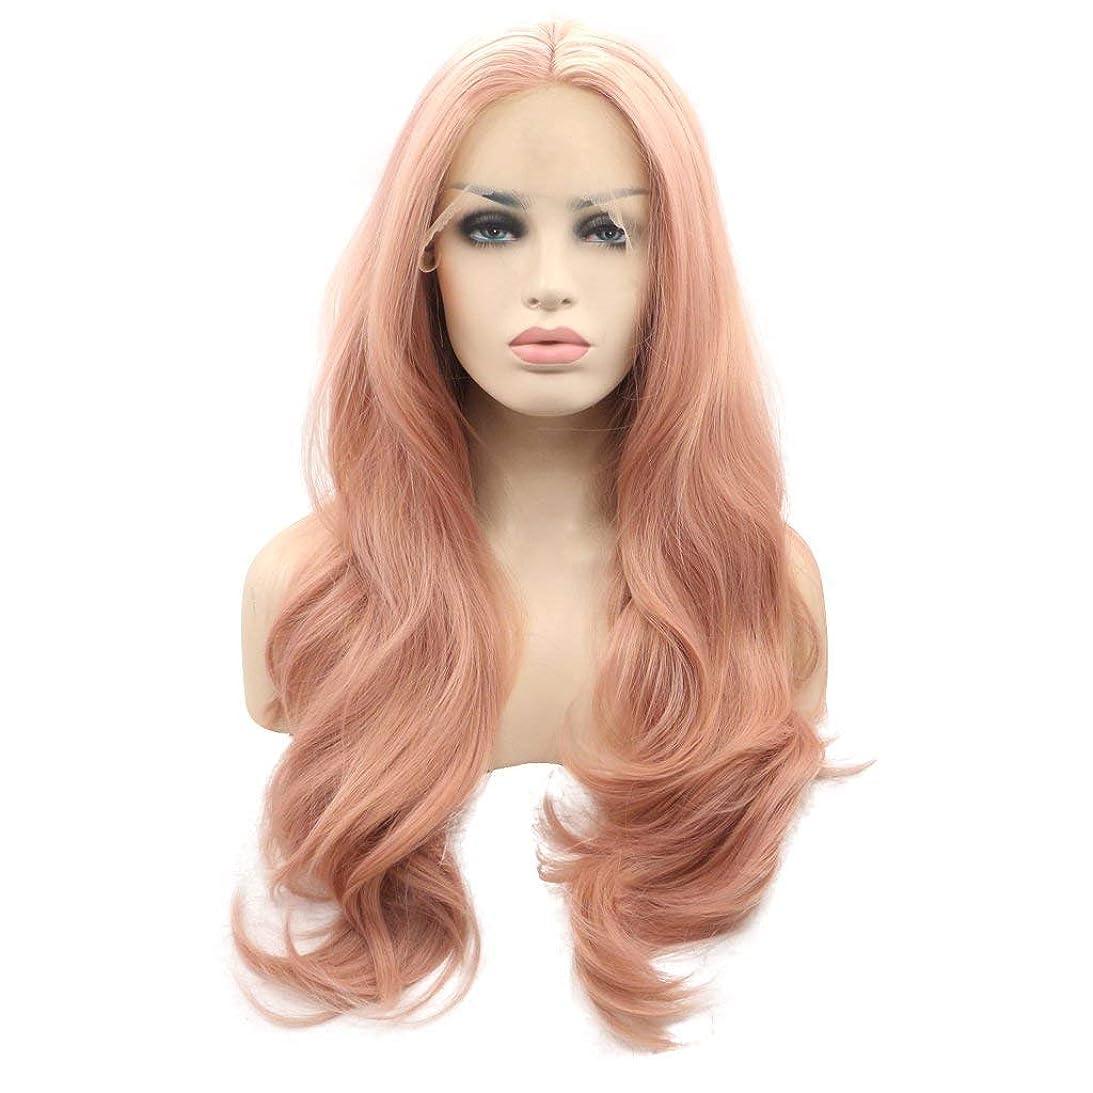 安息脱獄メディア26インチ長いウェーブのかかったピンクヒートセーフ合成毛レースフロントかつら、まともな別れスペース透明レース用女性女性 (Color : Pink)